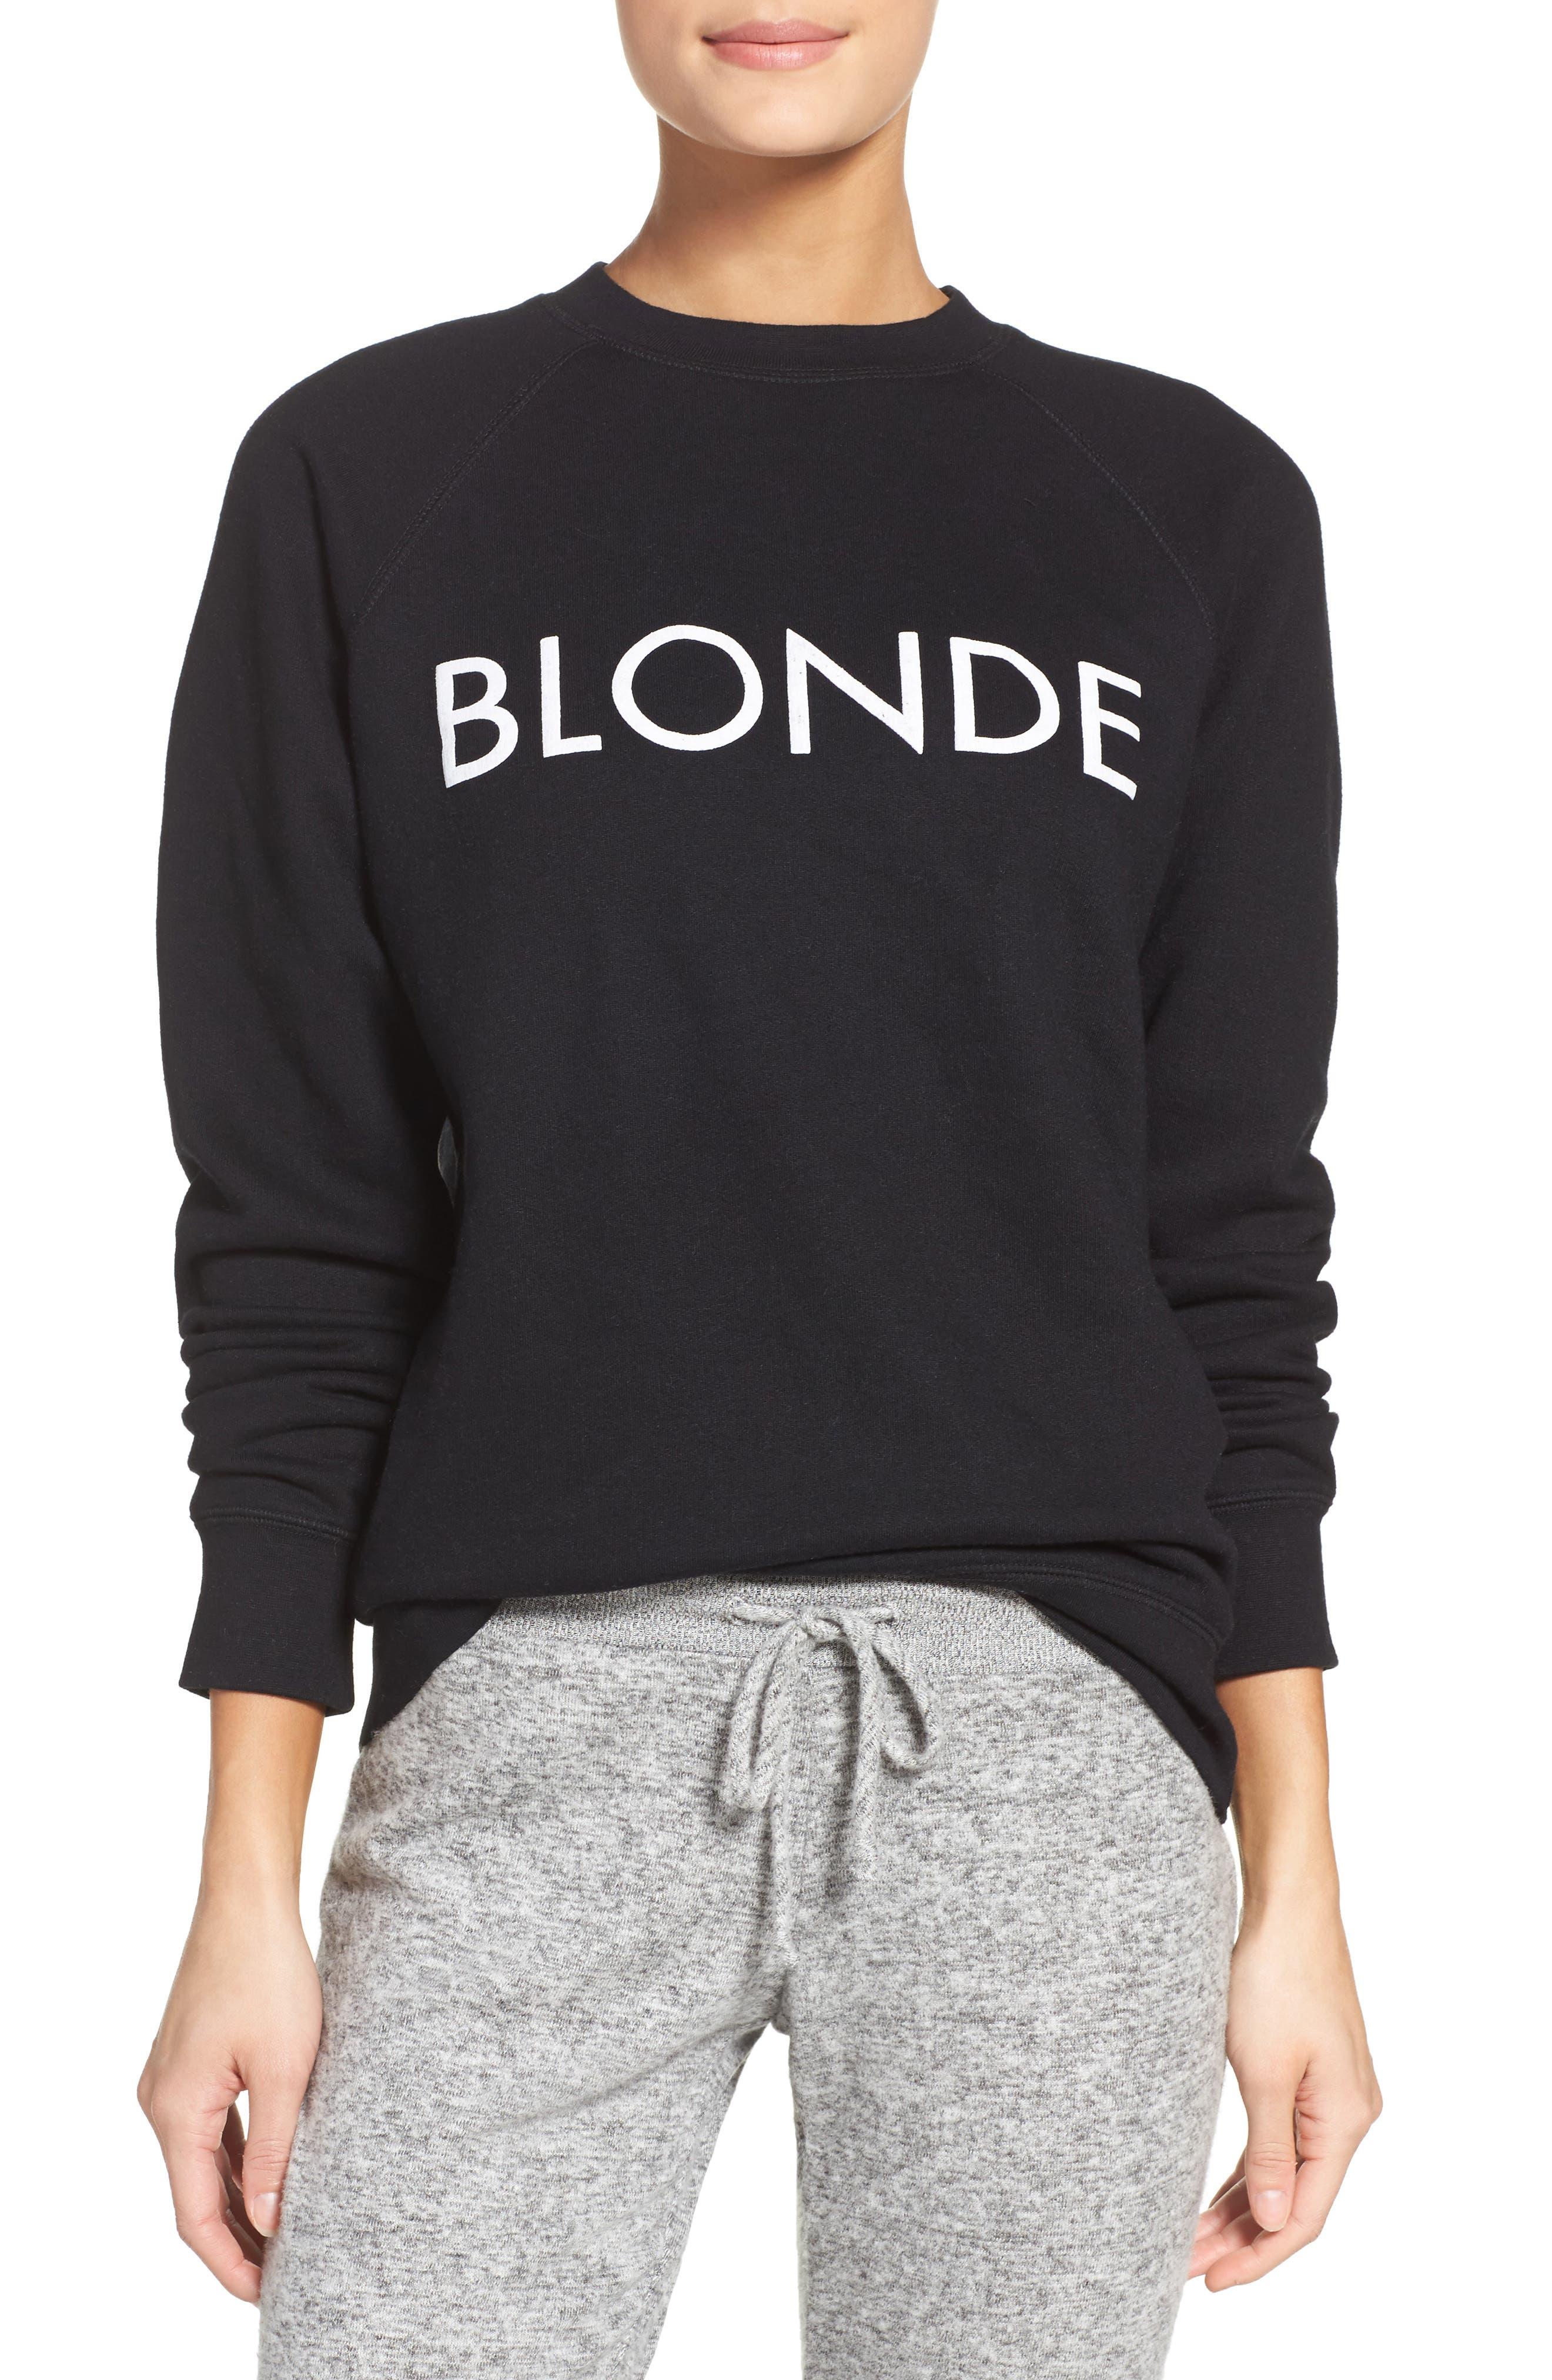 Blonde Crewneck Sweatshirt,                         Main,                         color, 001